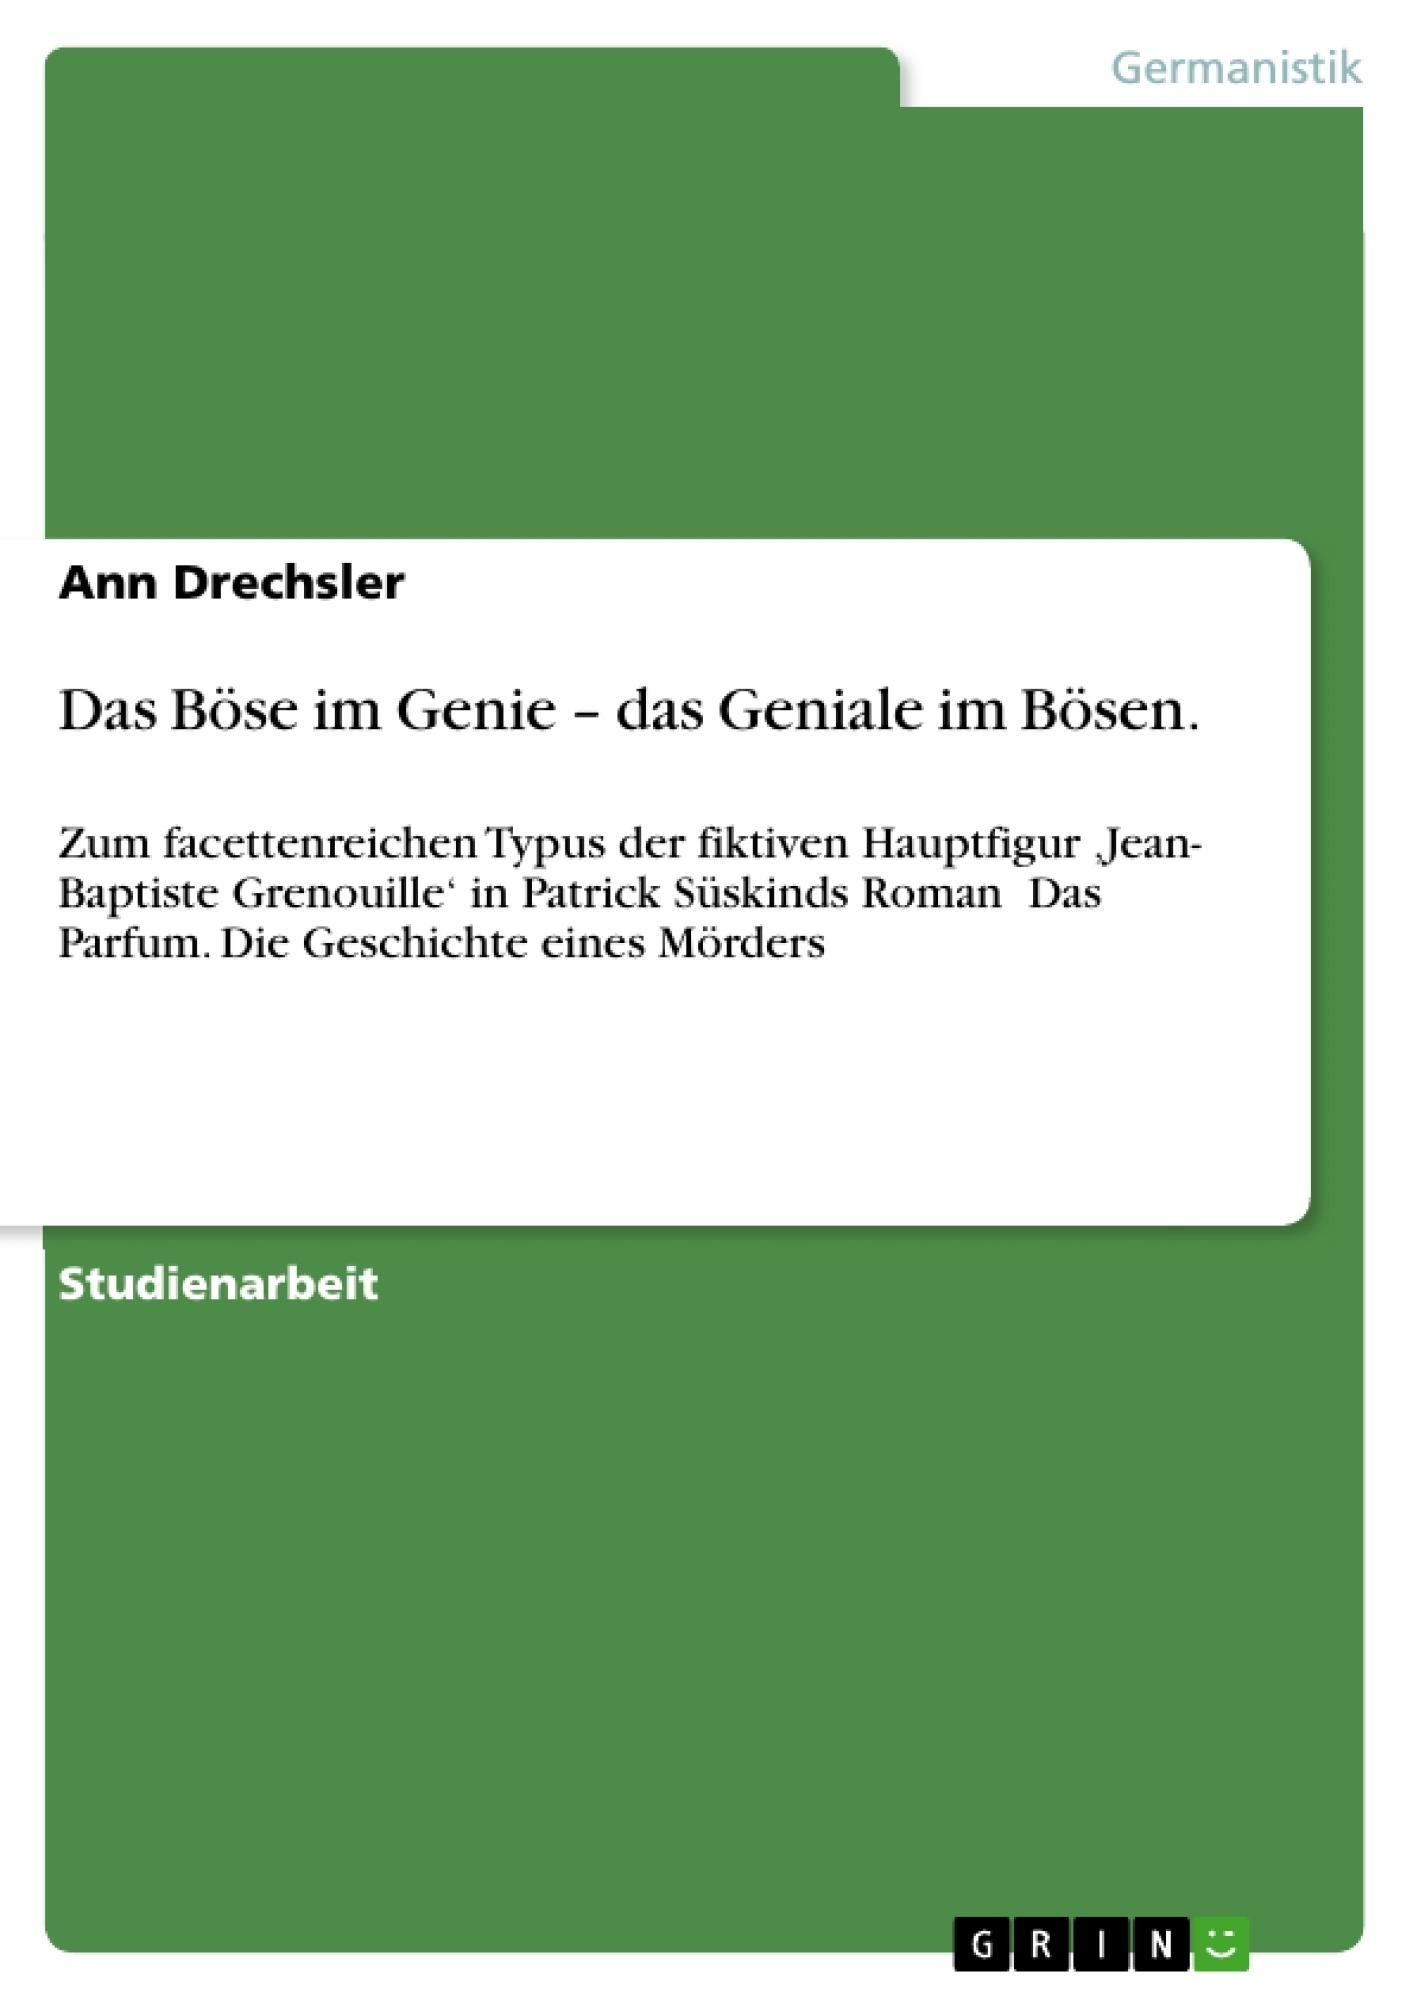 Titel: Das Böse im Genie – das Geniale im Bösen.